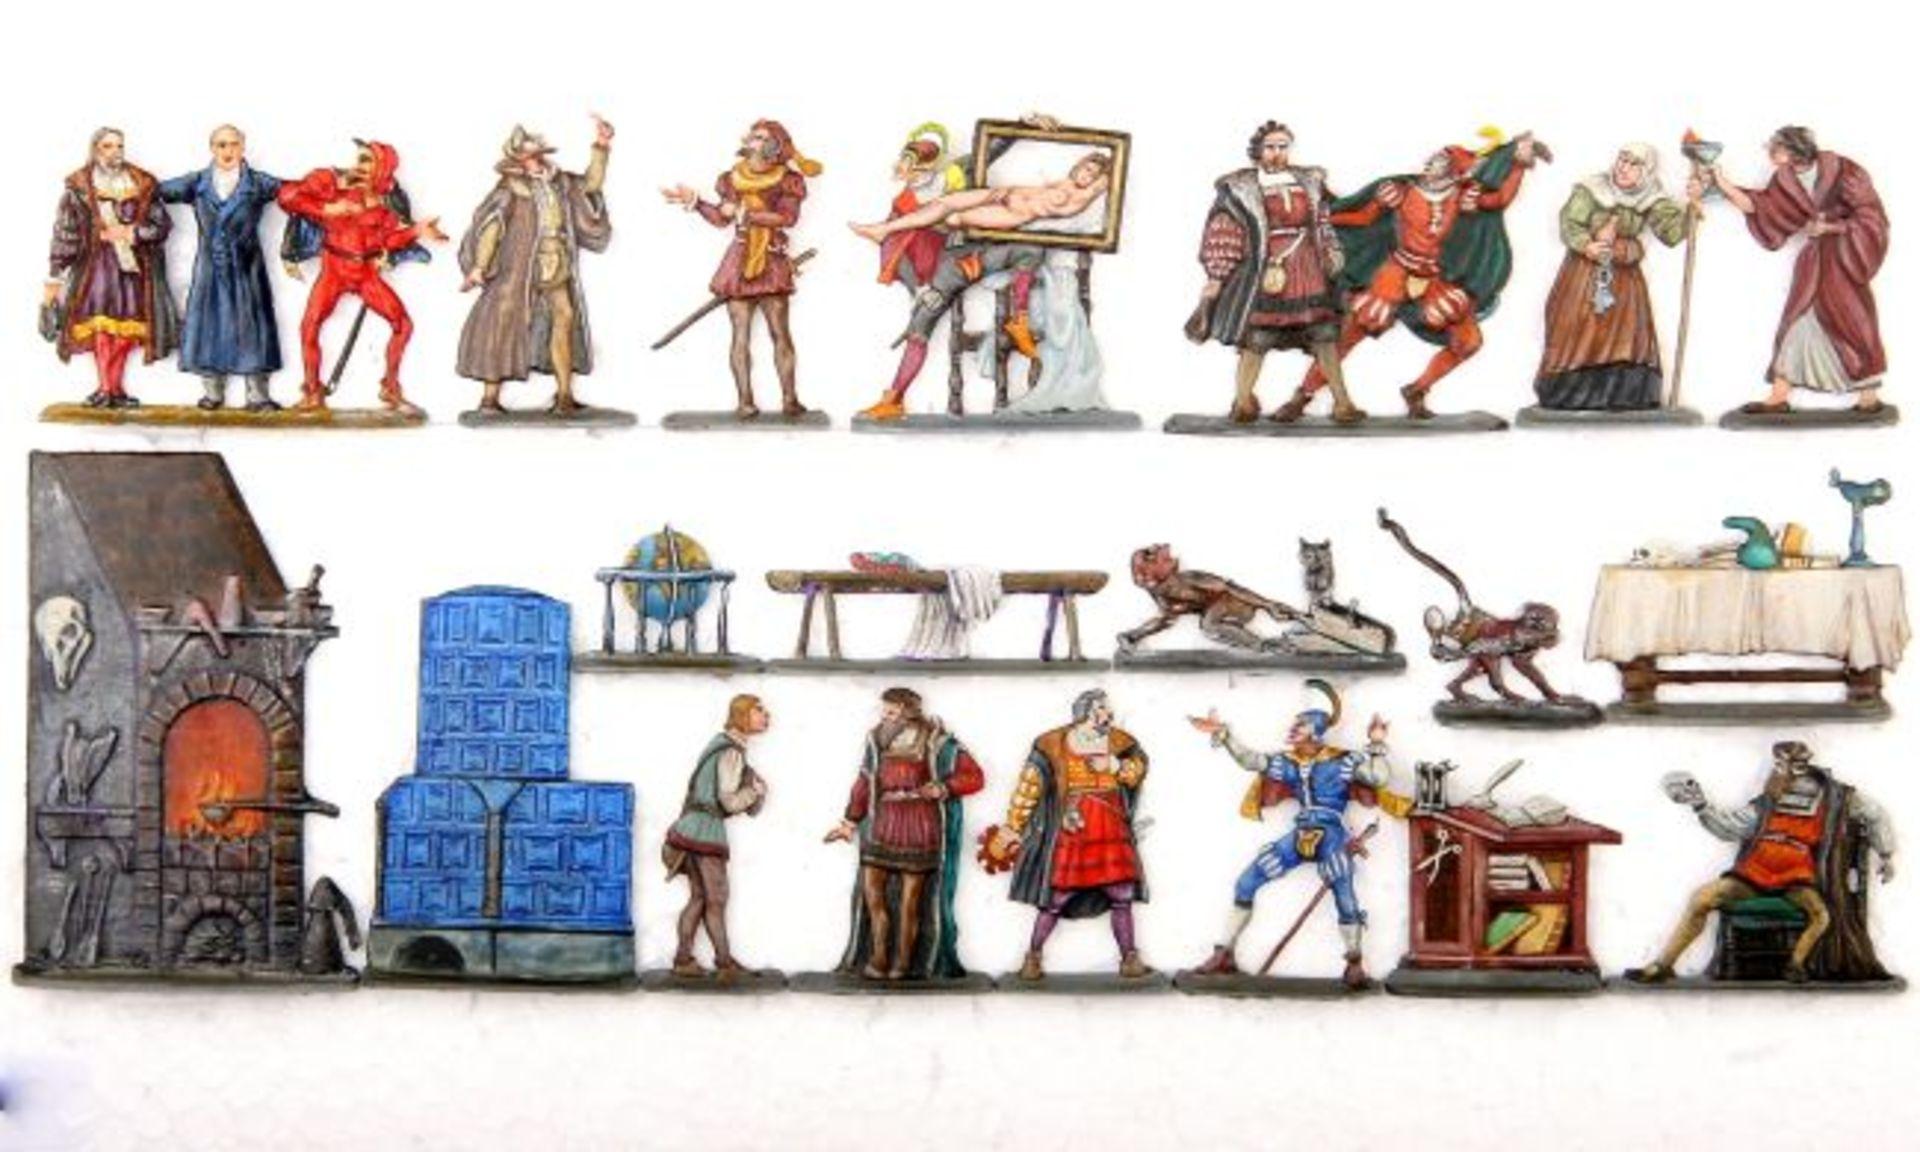 Goethe, diverse Figuren aus dem Faust-Zyklus, Scholtz, Gravur Mohr, sehr gute bis hervorragende,